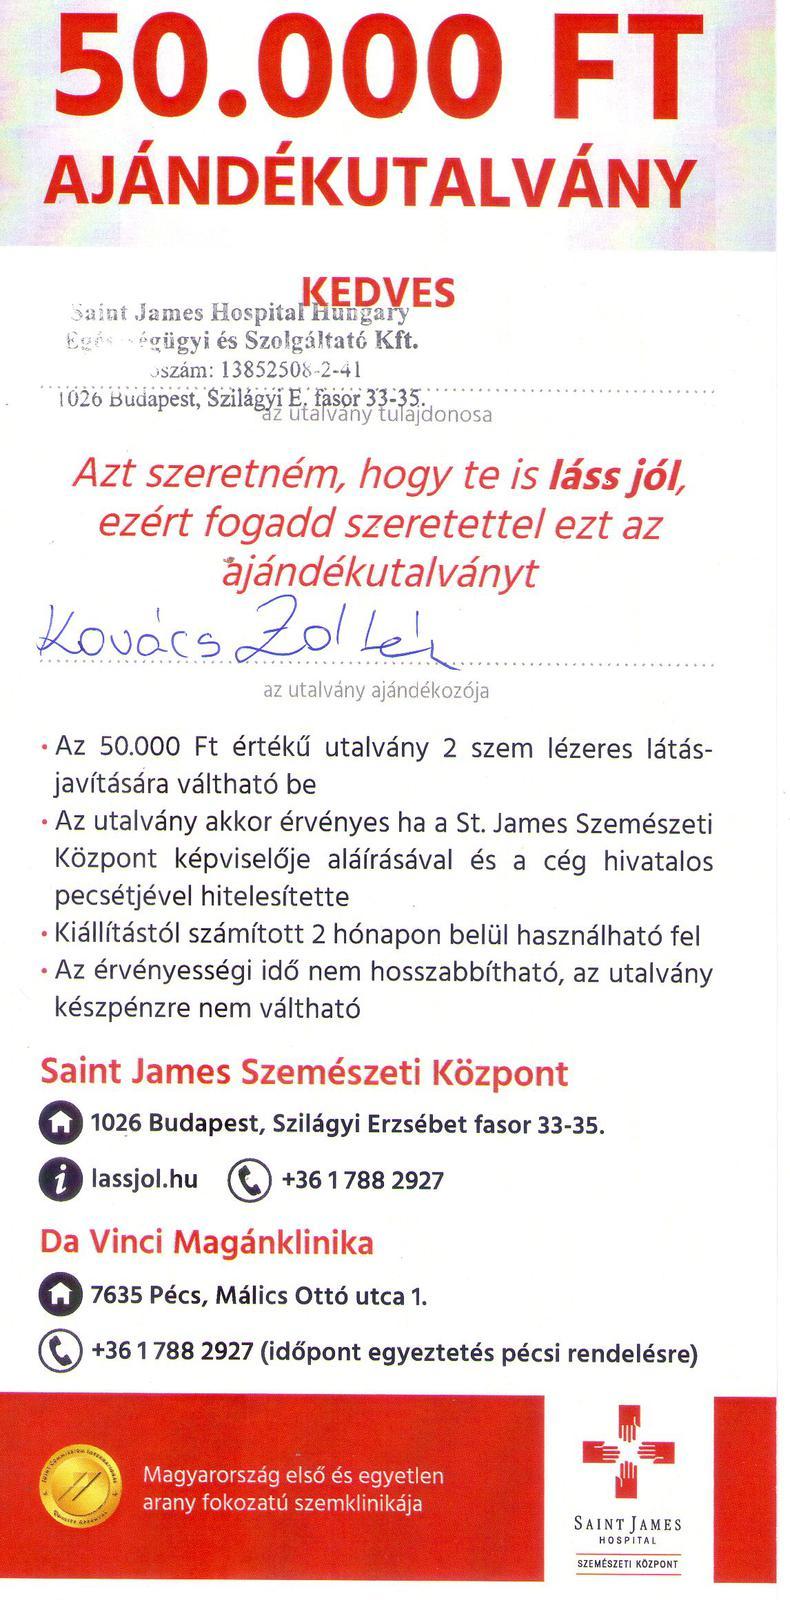 Uj Szó, február (7. évfolyam, szám)   Könyvtár   Hungaricana